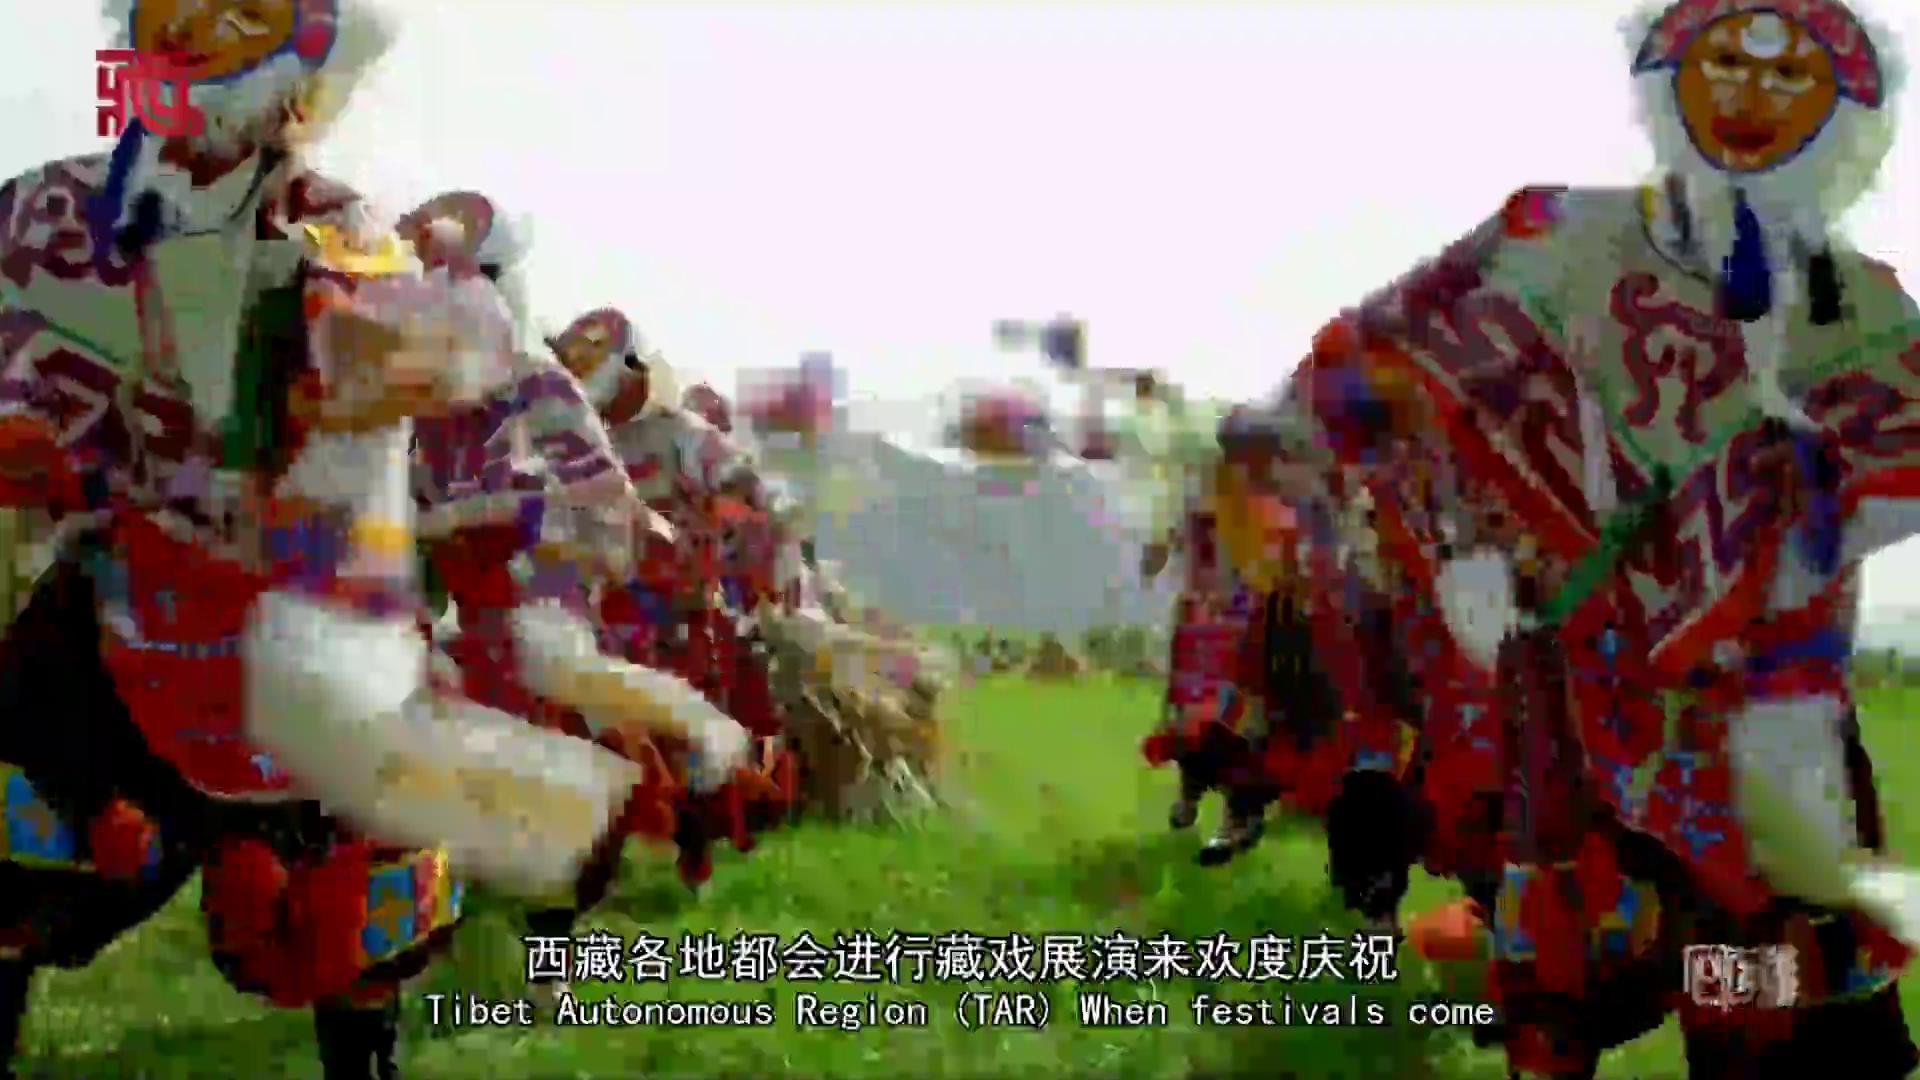 微视频系列片《沧桑话巨变》第三集:大地纽带一一横跨西藏江河的桥